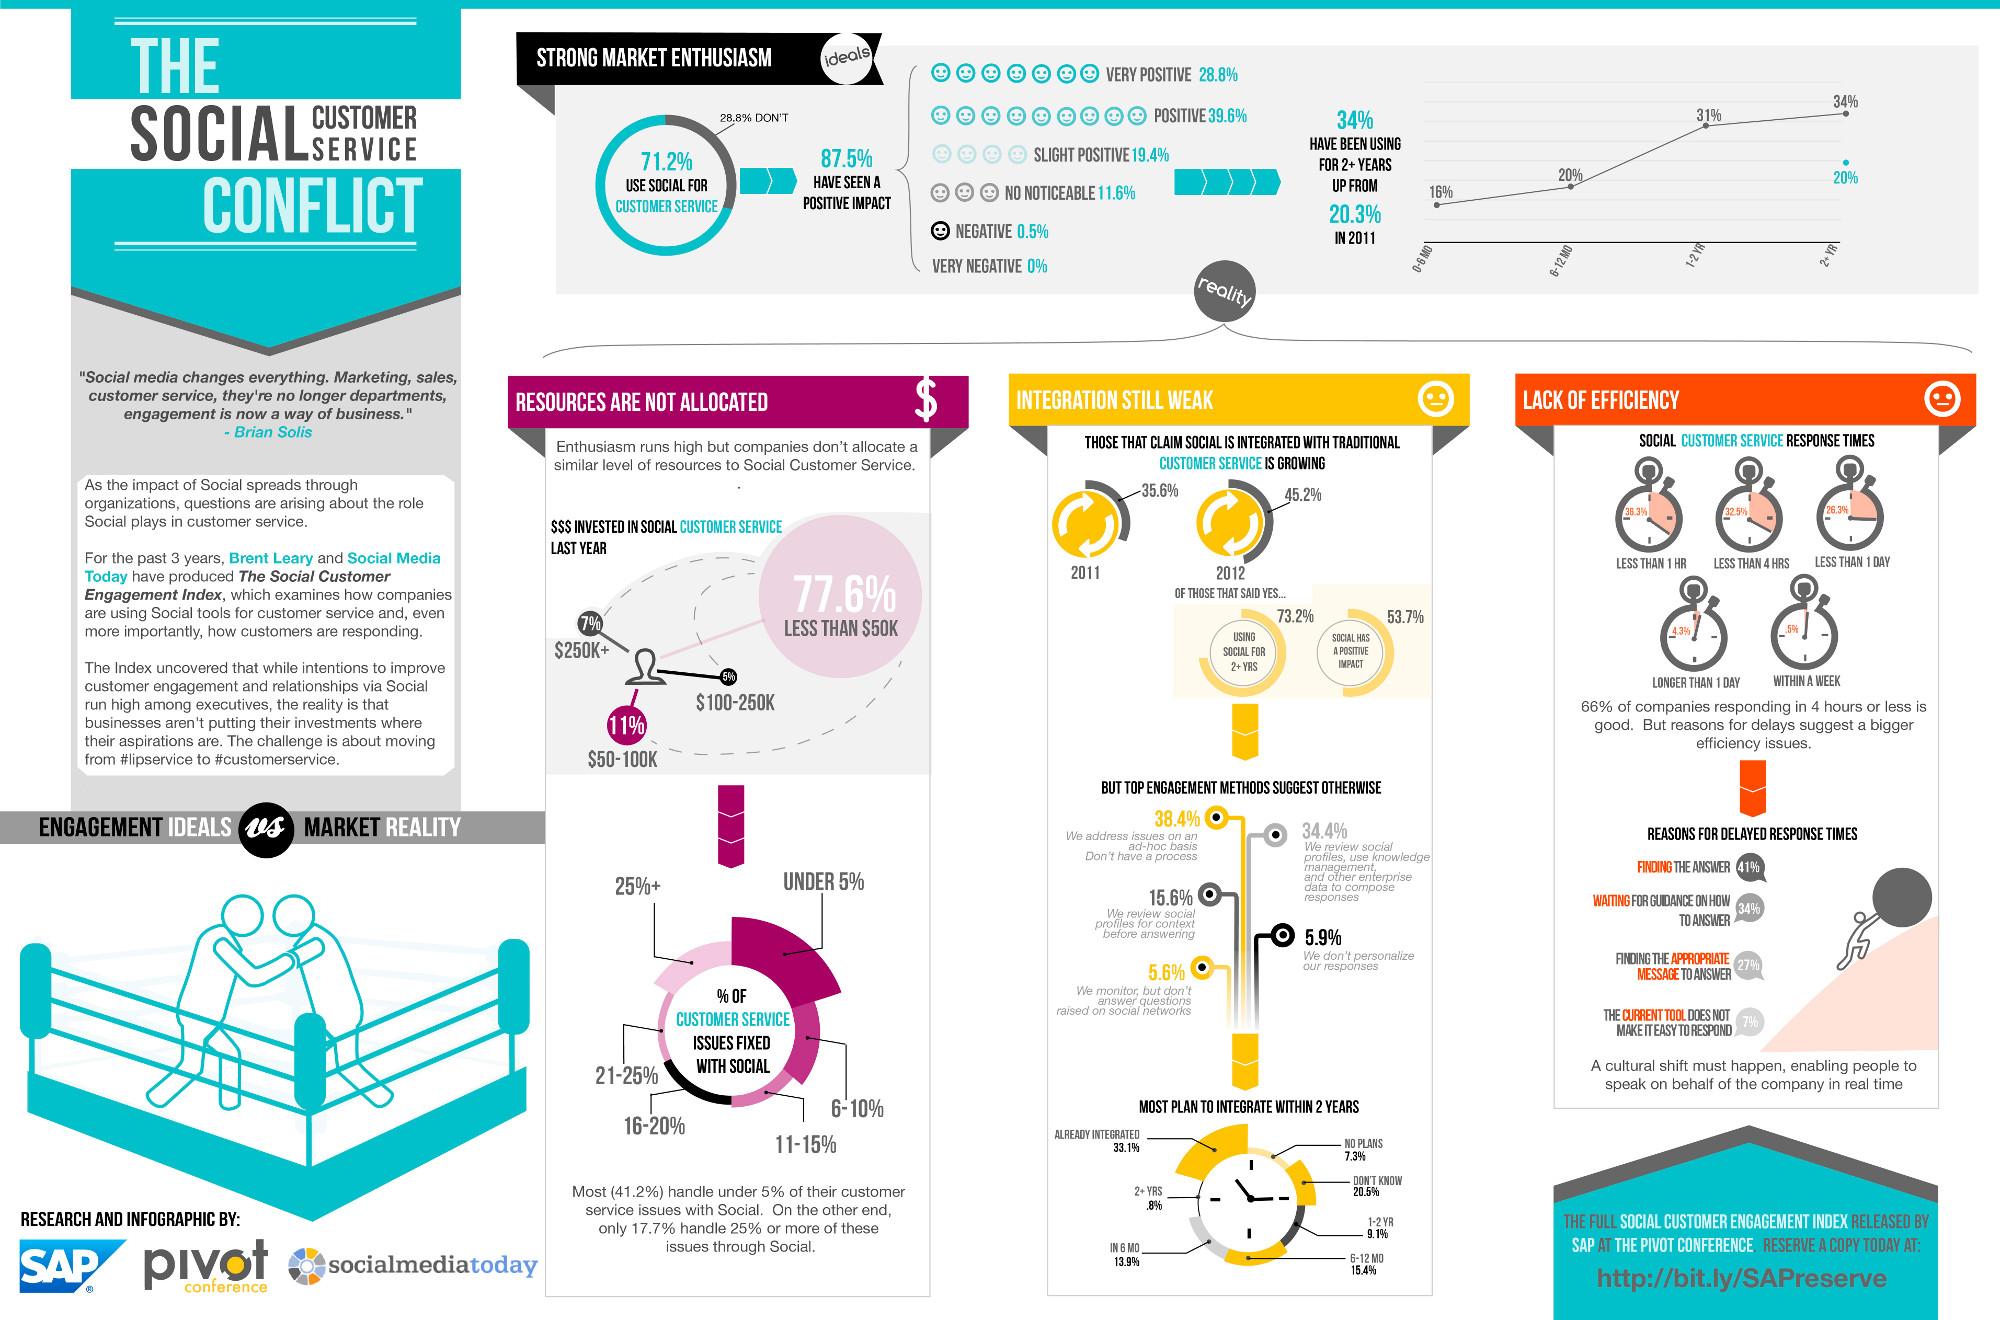 ¿Atención al cliente mediante Social Media? #infografia # ...